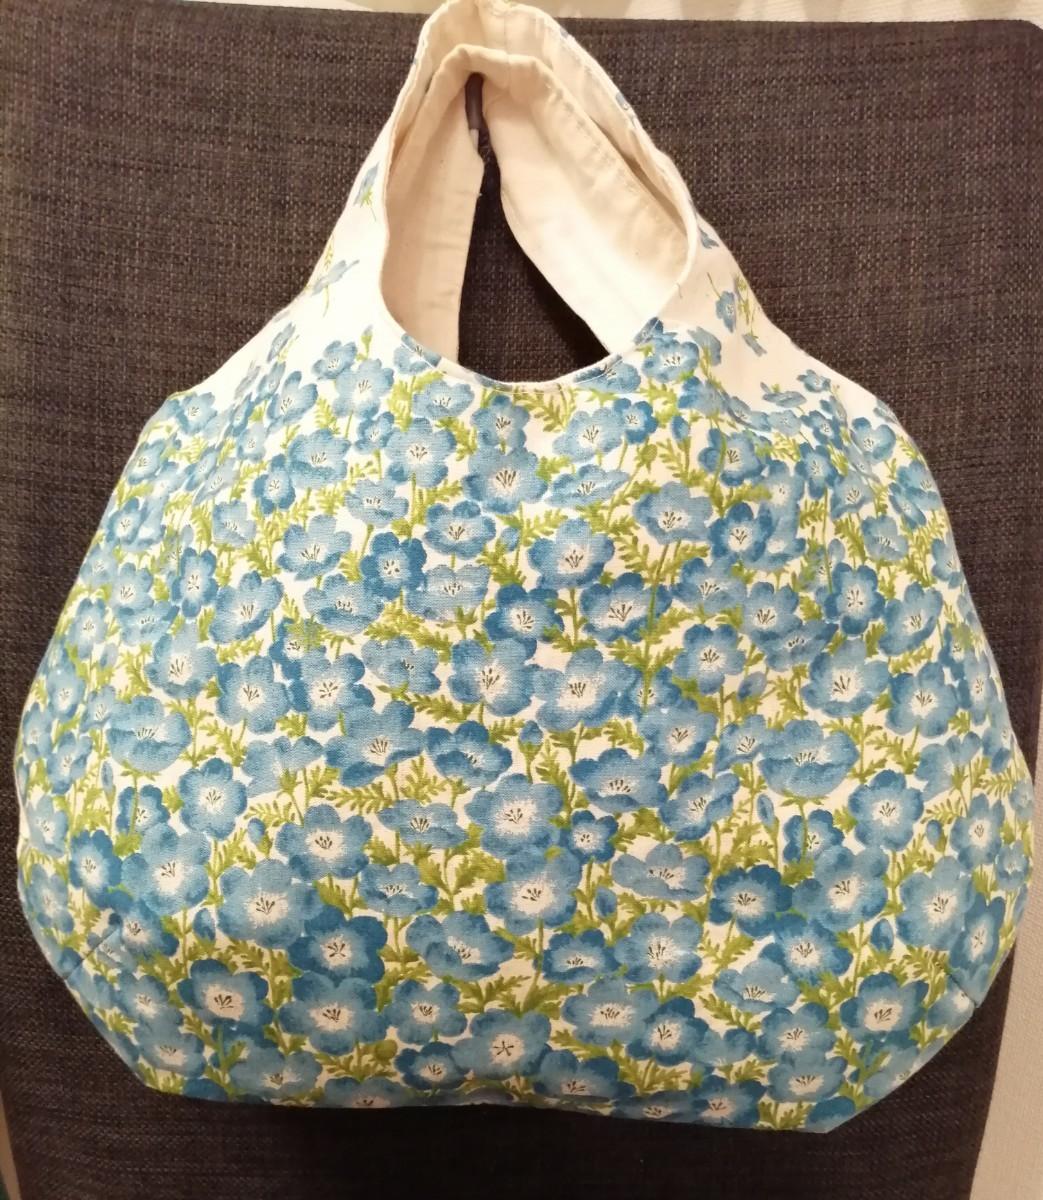 ハンドメイド バッグ ネモフィラ ころんバッグ ころりんバッグ 丸いバッグ